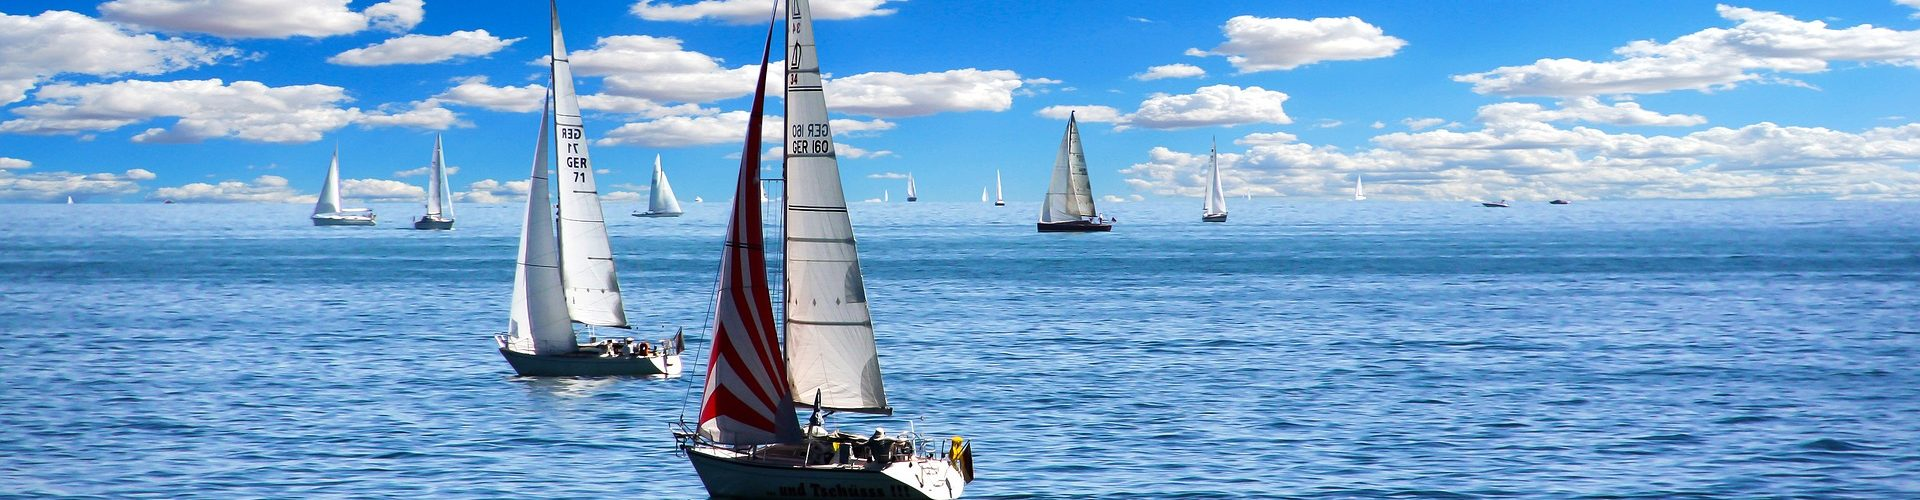 segeln lernen in Hörstel segelschein machen in Hörstel 1920x500 - Segeln lernen in Hörstel